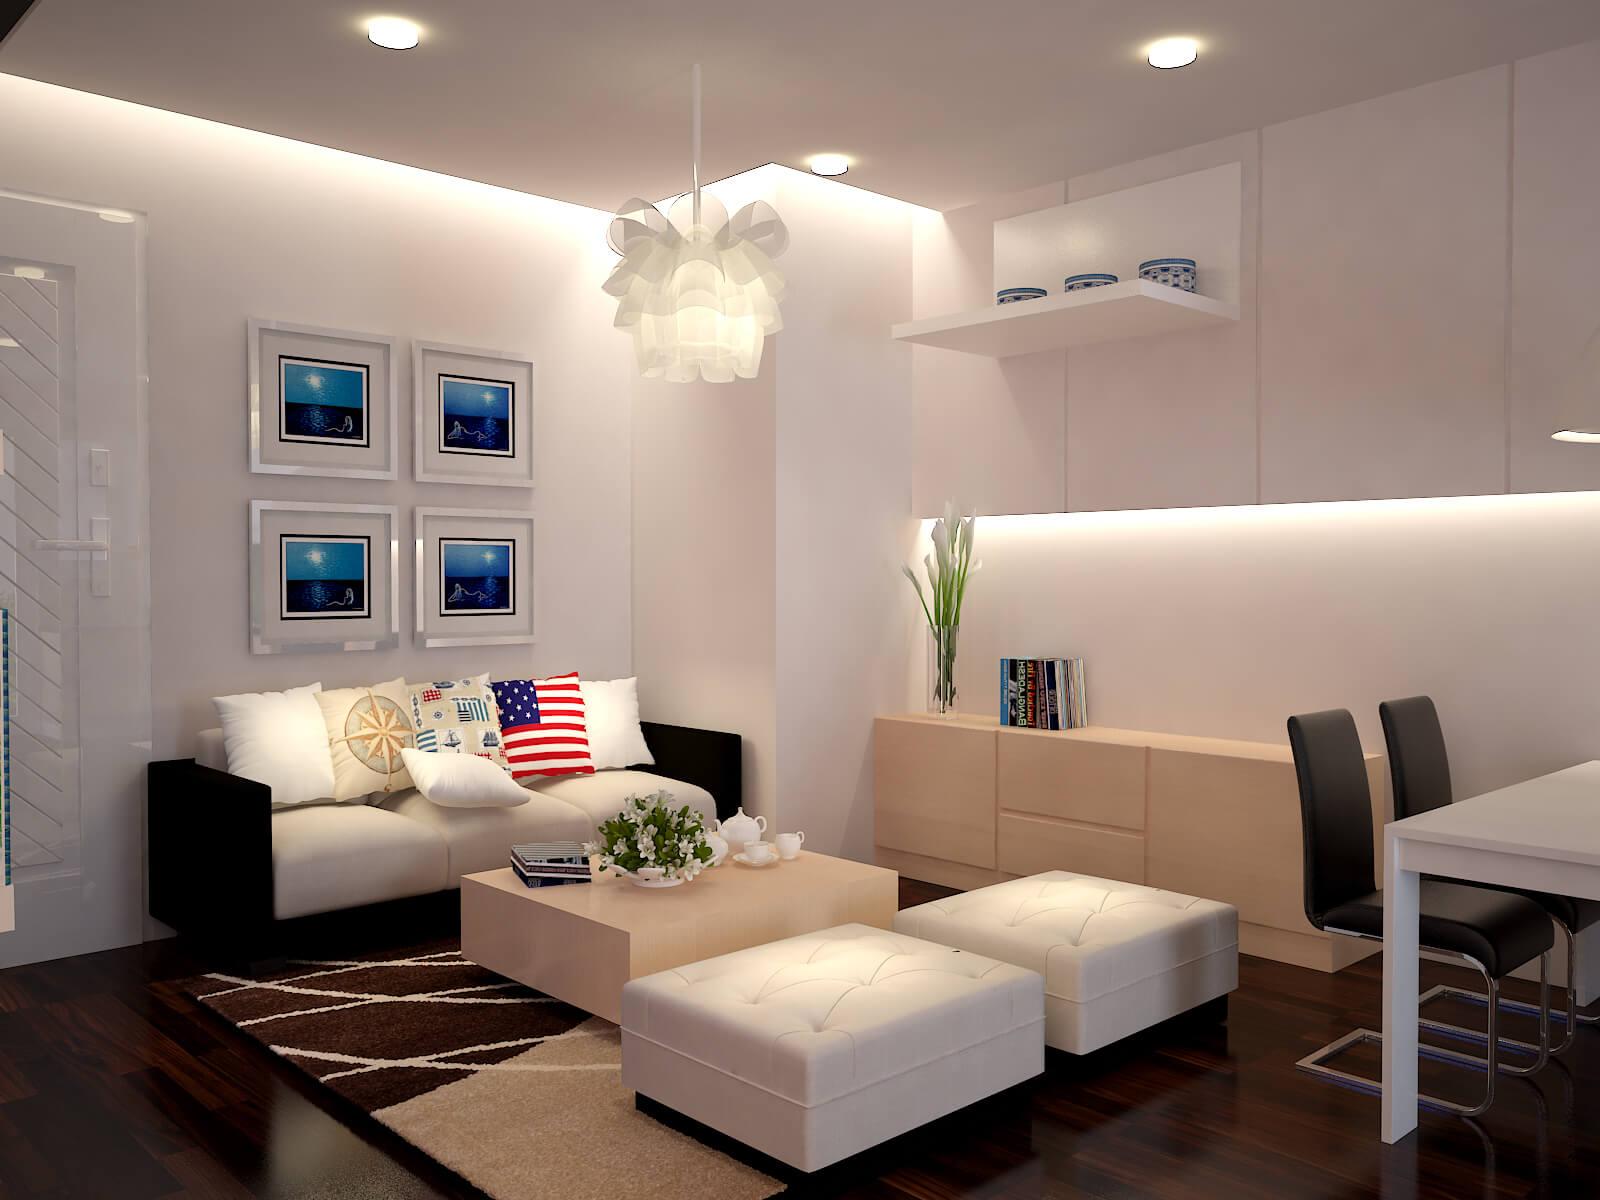 Mẹo cải tạo phòng khách nhà chung cư đẹp tại Hà Nội